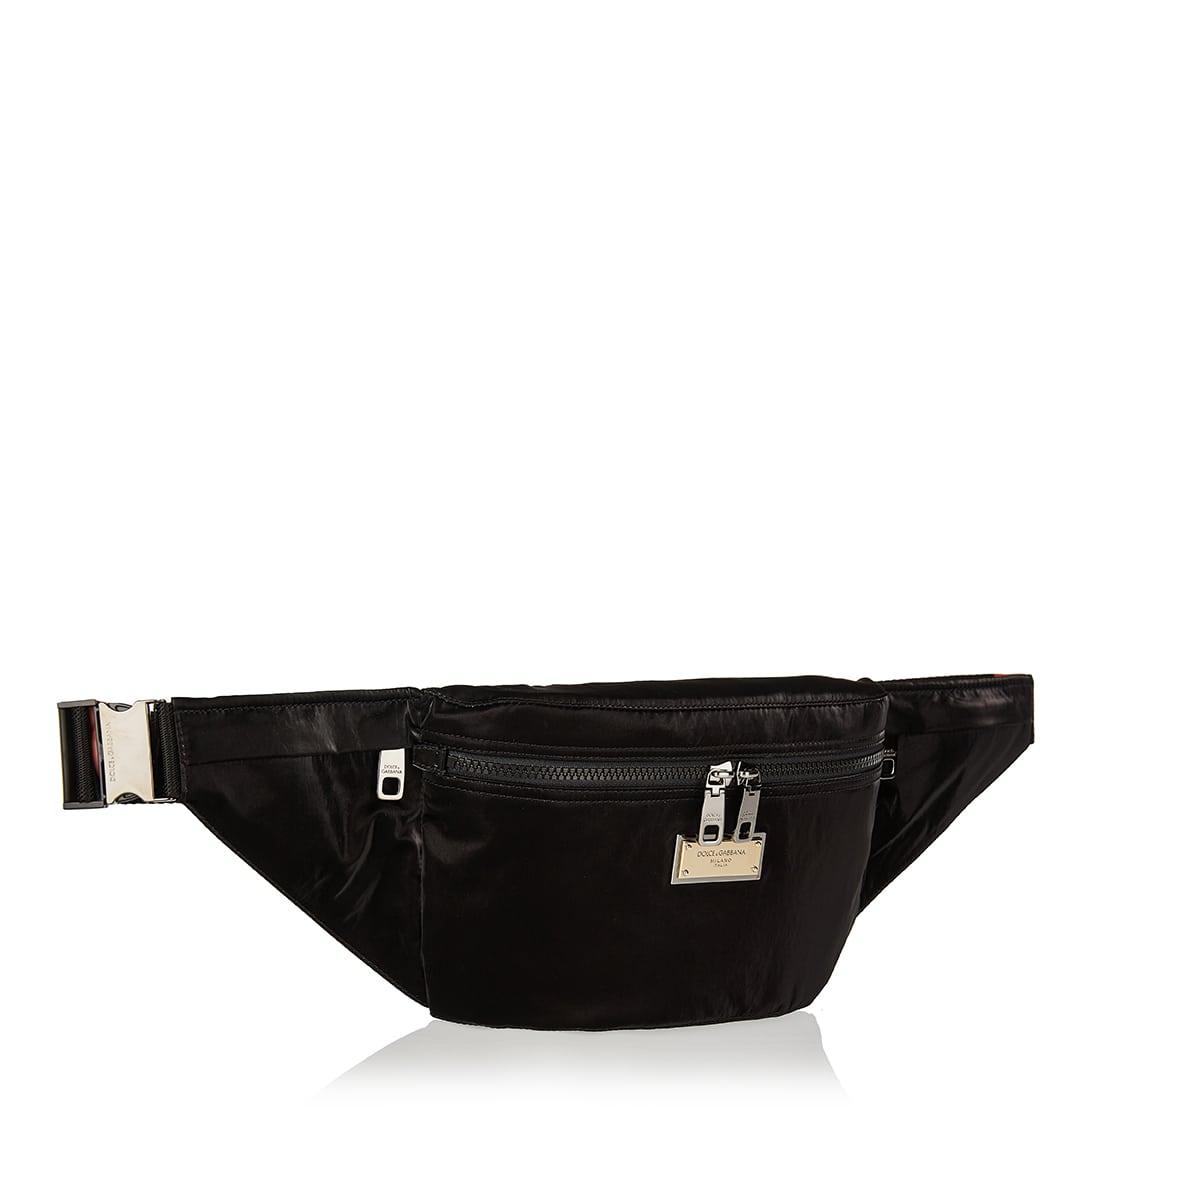 Nero Sicilia DNA nylon belt bag